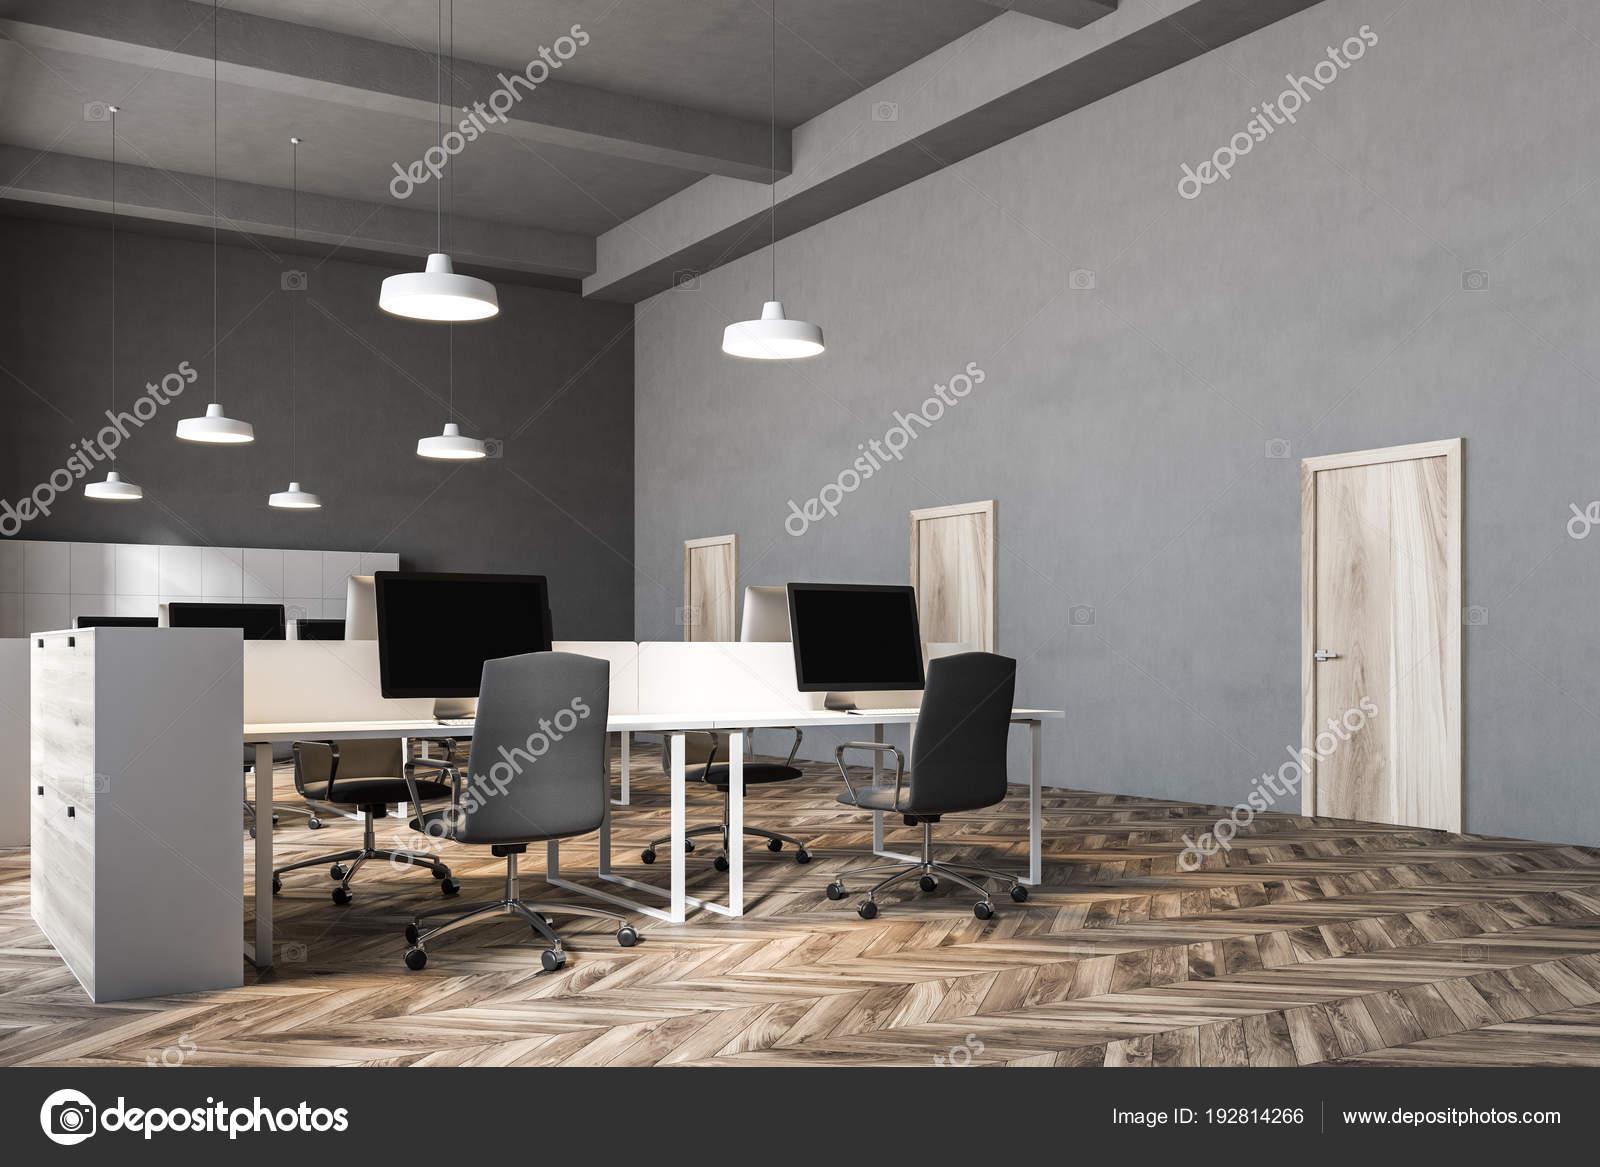 Innenraum von einem dunklen grauen Wand Büroeinrichtung — Stockfoto ...